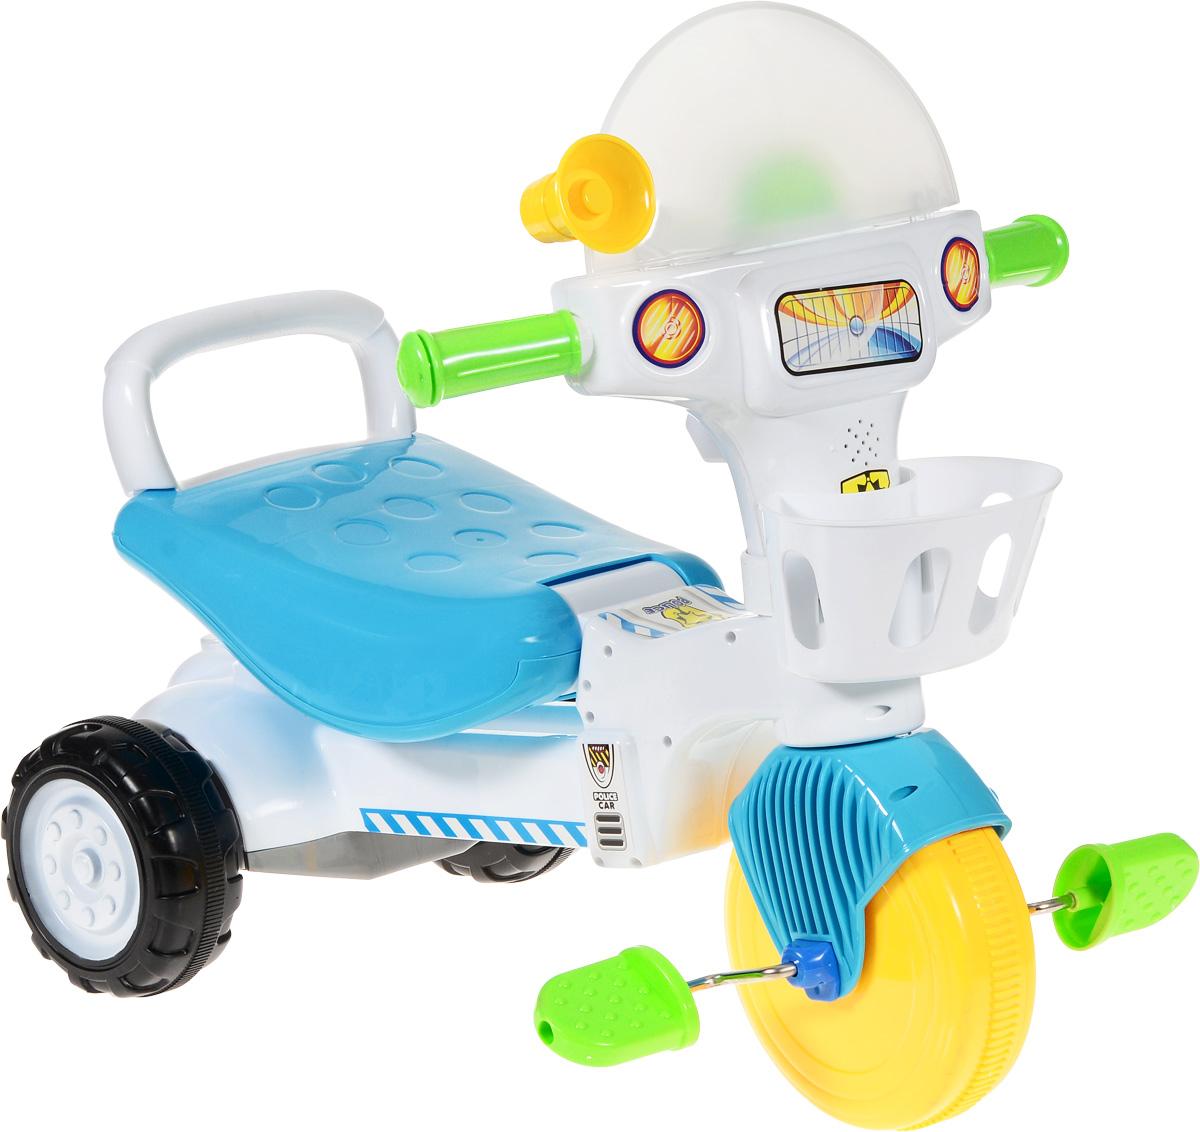 J.R. TOYS Велосипед детский Трицикл цвет голубой белыйJR-907BВелосипед-каталка J.R. TOYS Трицикл - обязательно привлечет внимание вашего малыша. Выполненная из безопасного пластика ярких цветов, устойчивая и прочная каталка будет отличным средством передвижения вашего ребенка. Ручки удобны для захвата маленькими детскими ладошками. Велосипед очень устойчив за счет переднего колеса и широкой задней колесной базы. Главный плюс такой каталки в том, что она приводится в движение педалями. Частые поездки на таком средстве передвижения приучают ребенка к физической активности, что благотворно влияет на его общее развитие. Велосипед улучшает координацию движений ребенка, баланс и моторику. На этой замечательной каталке ваш ребенок будет чувствовать себя комфортно и безопасно, а прогулки станут веселее и интереснее. Каталка детская J.R. TOYS Трицикл обладает световыми и звуковыми эффектами. Необходимо купить 3 батарейки типа АА (не входят в комплект). Уважаемые клиенты! Обращаем ваше внимание на то,...